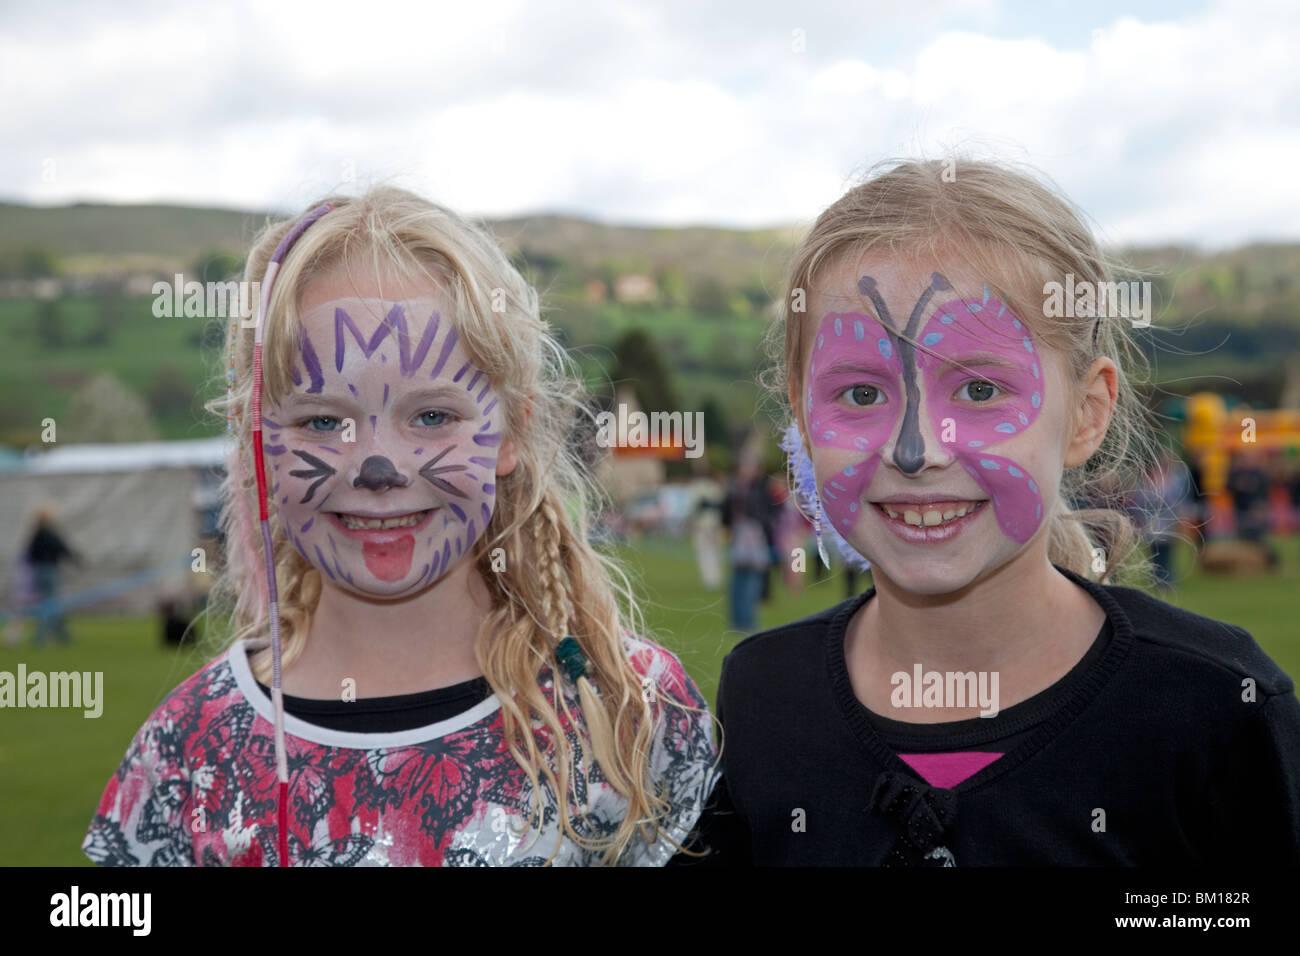 Two girls with painted faces Mayday at Woodmancote Cheltenham UK 2010 - Stock Image